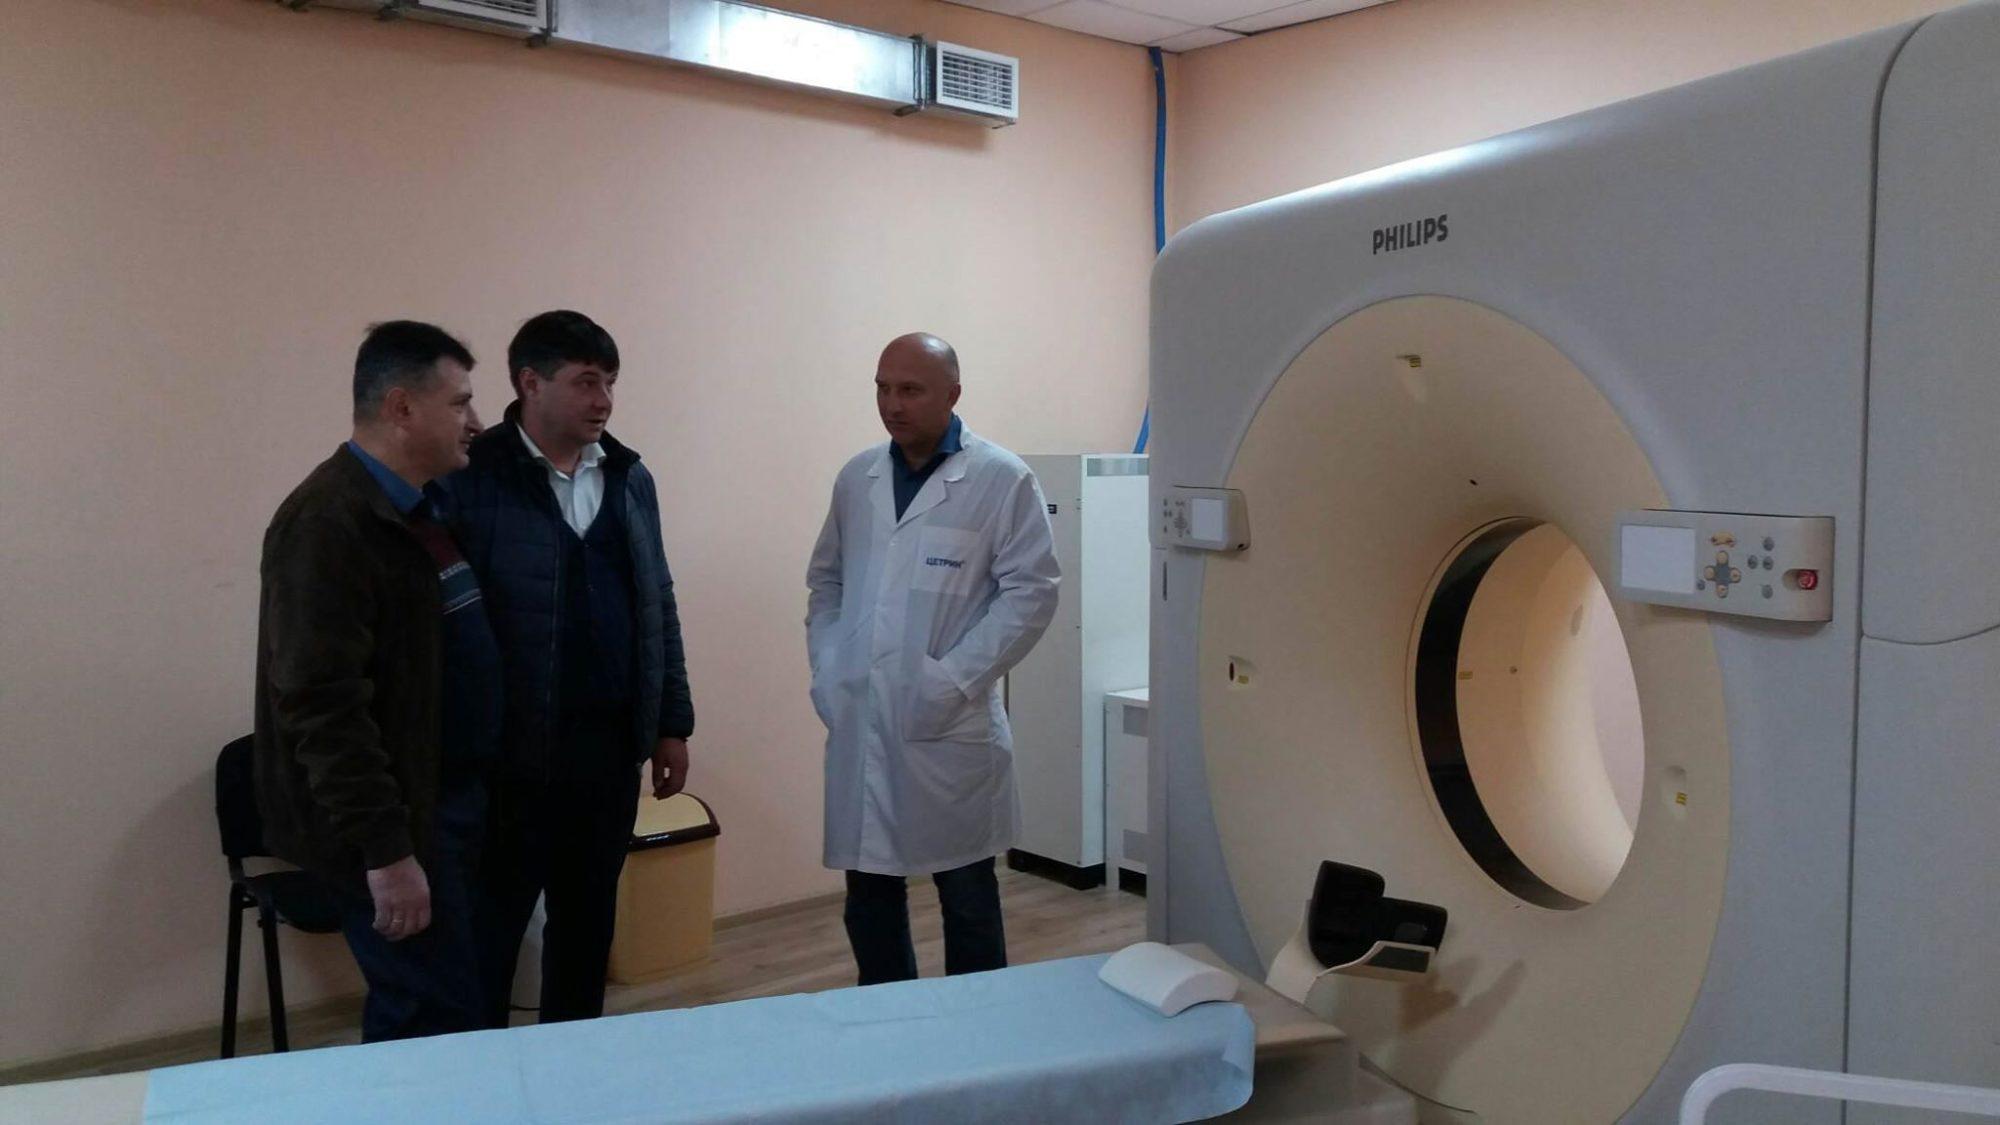 У Фастівській ЦРЛ працюватиме новий комп'ютерний томограф екстра-класу - Фастів - 73166310 2863566183662545 6452847702613950464 o 2000x1125